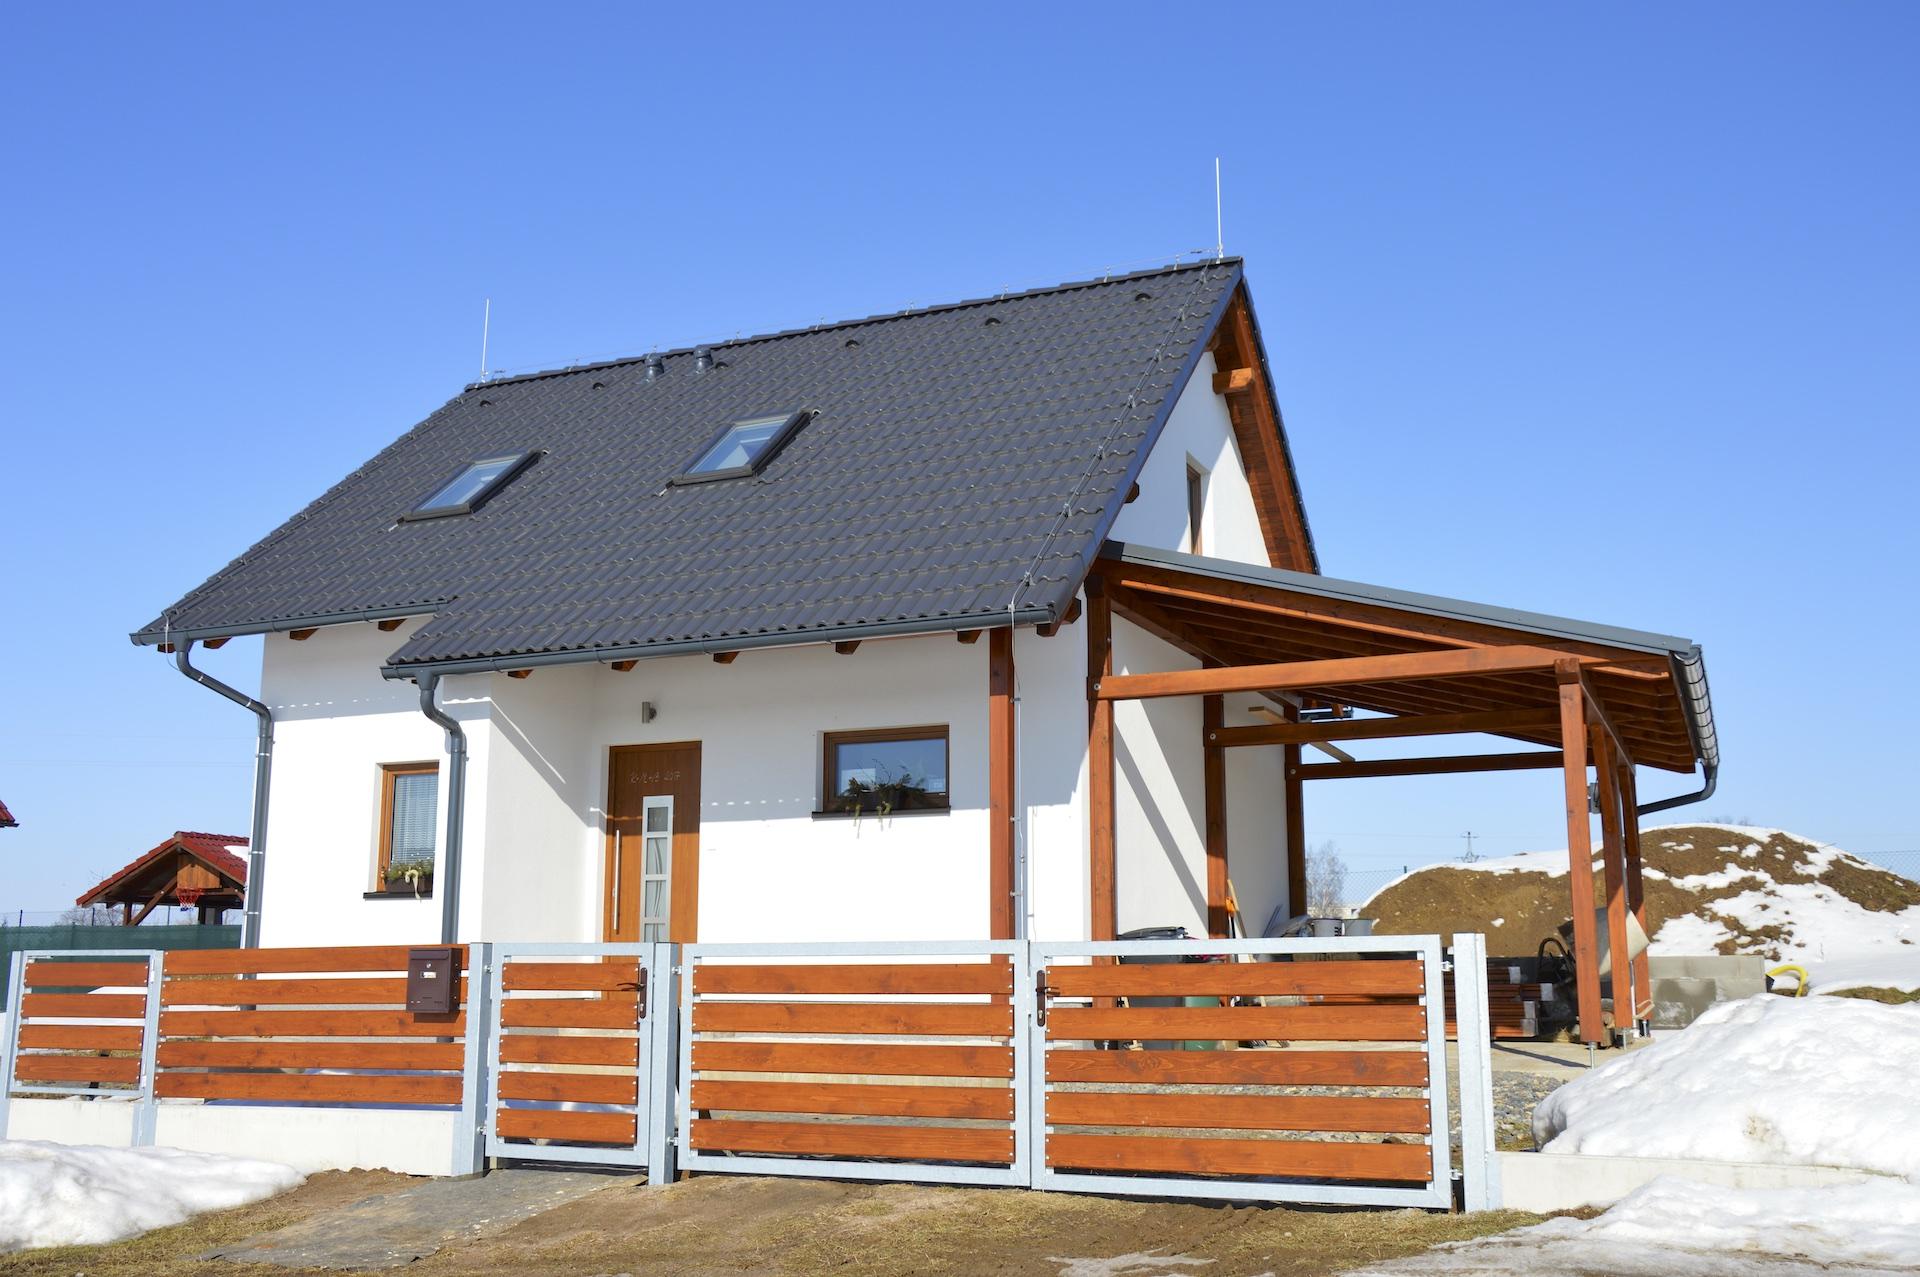 Realizace energeticky úsporných rodinných domů, kraj Vysočina